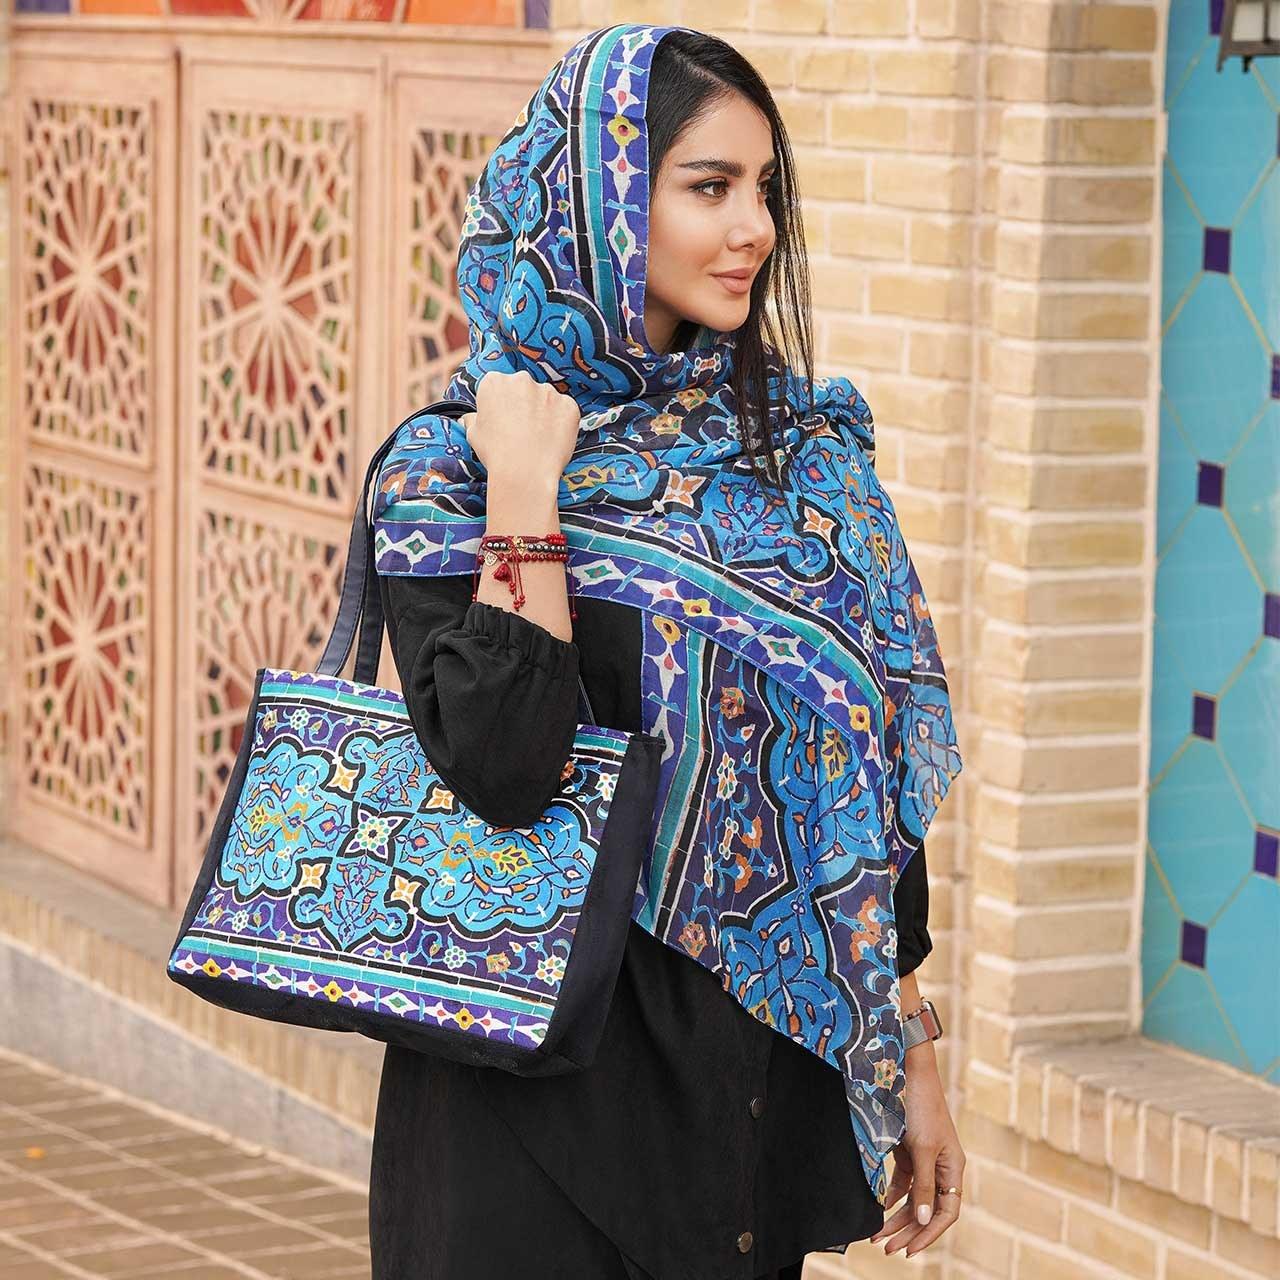 تصویر ست کیف و شال زنانه بهار کد 06 Bahar Women  Bag  and  Shawl  Set Code 06